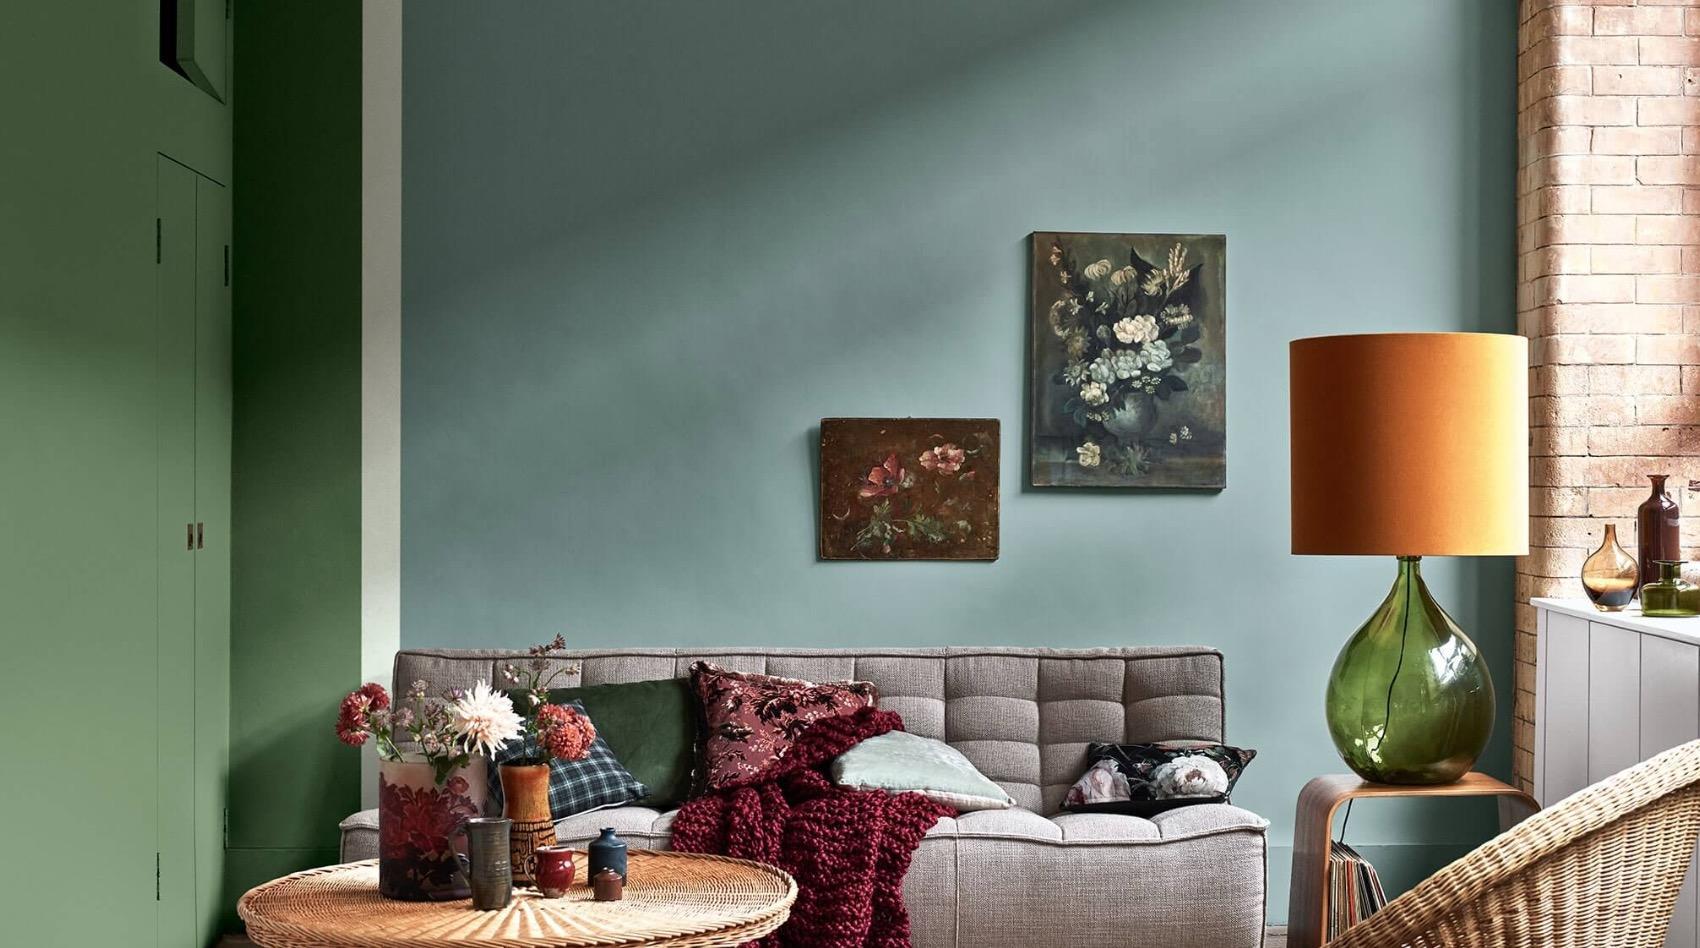 Couleur Tendance Pour Interieur Maison la couleur tendance pour votre intérieur en 2020, selon